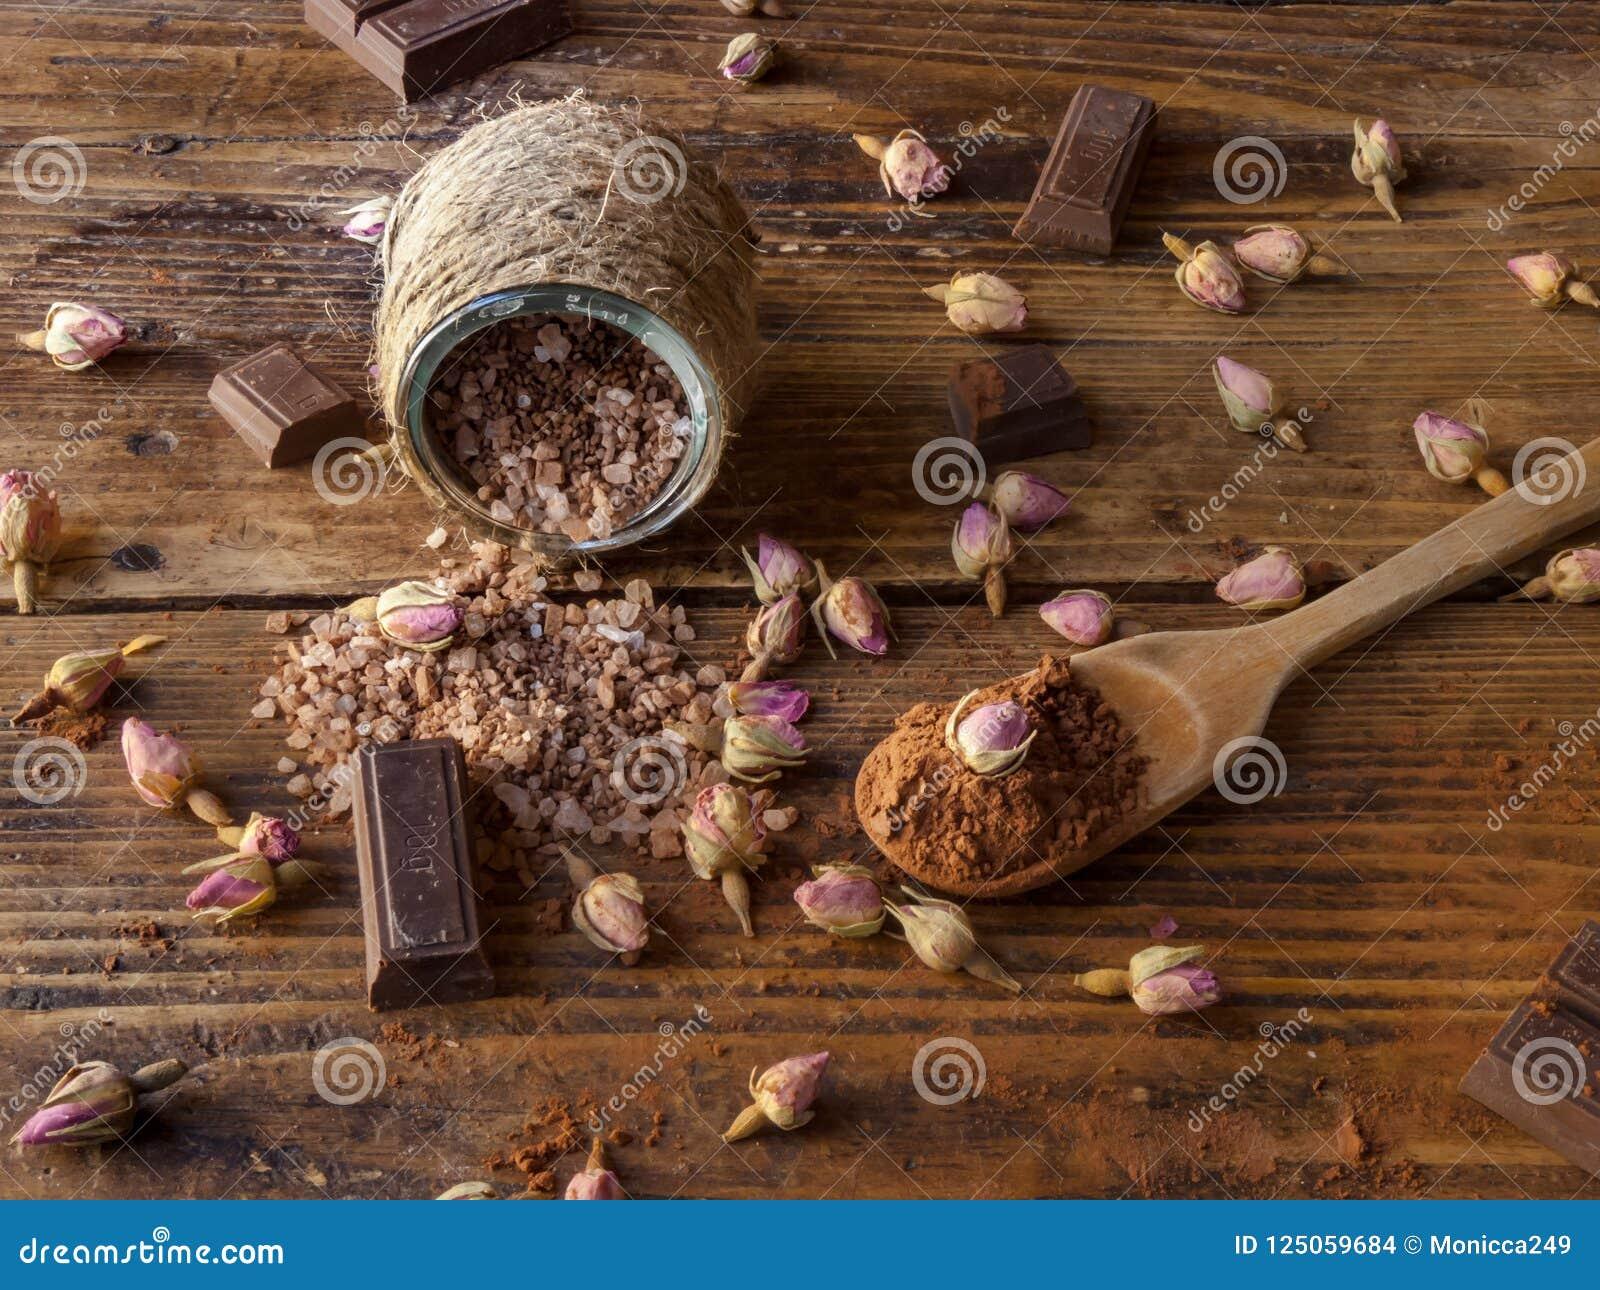 巧克力腌制槽用食盐,巧克力温泉